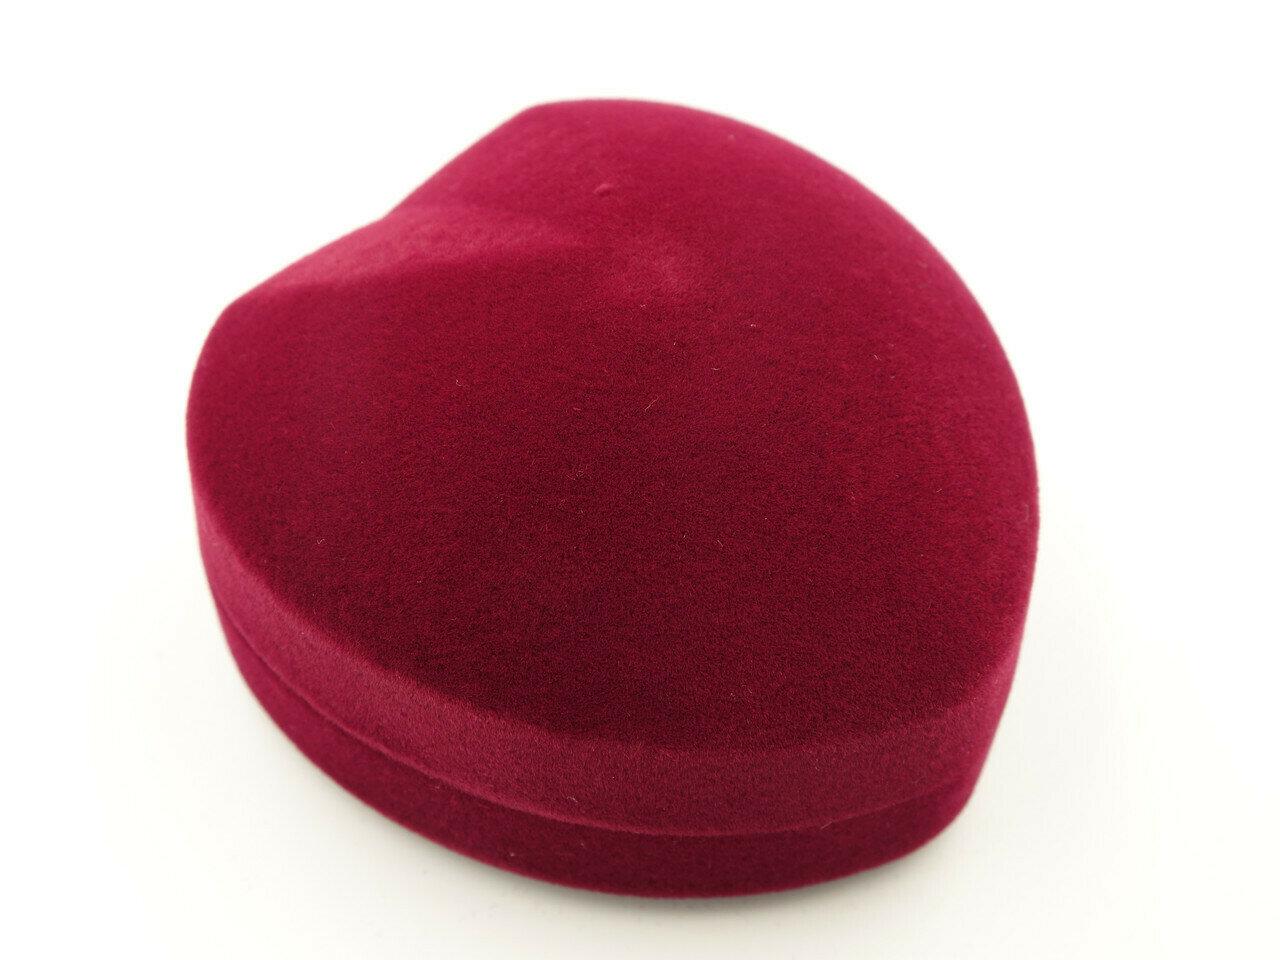 Футляр для кольца Сердце Б бордо